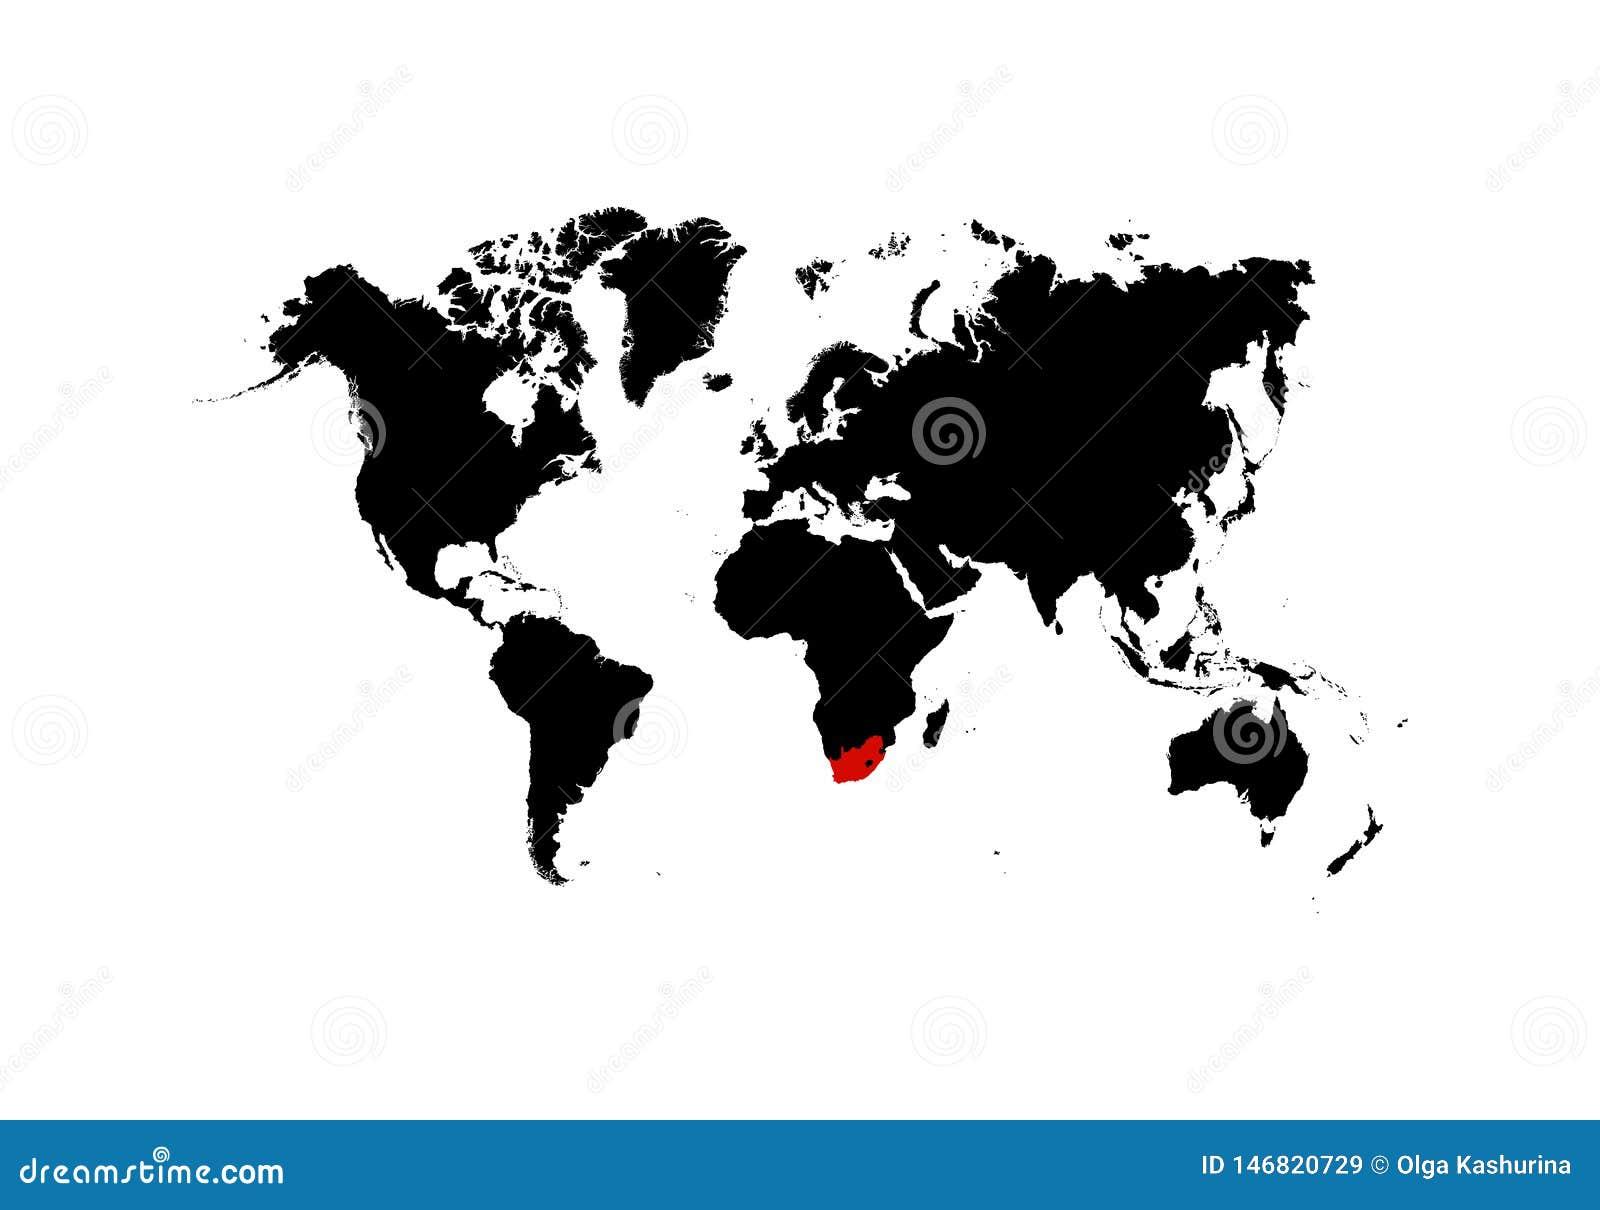 De kaart Zuid-Afrika van wordt benadrukt in rood op de wereldkaart - Vector